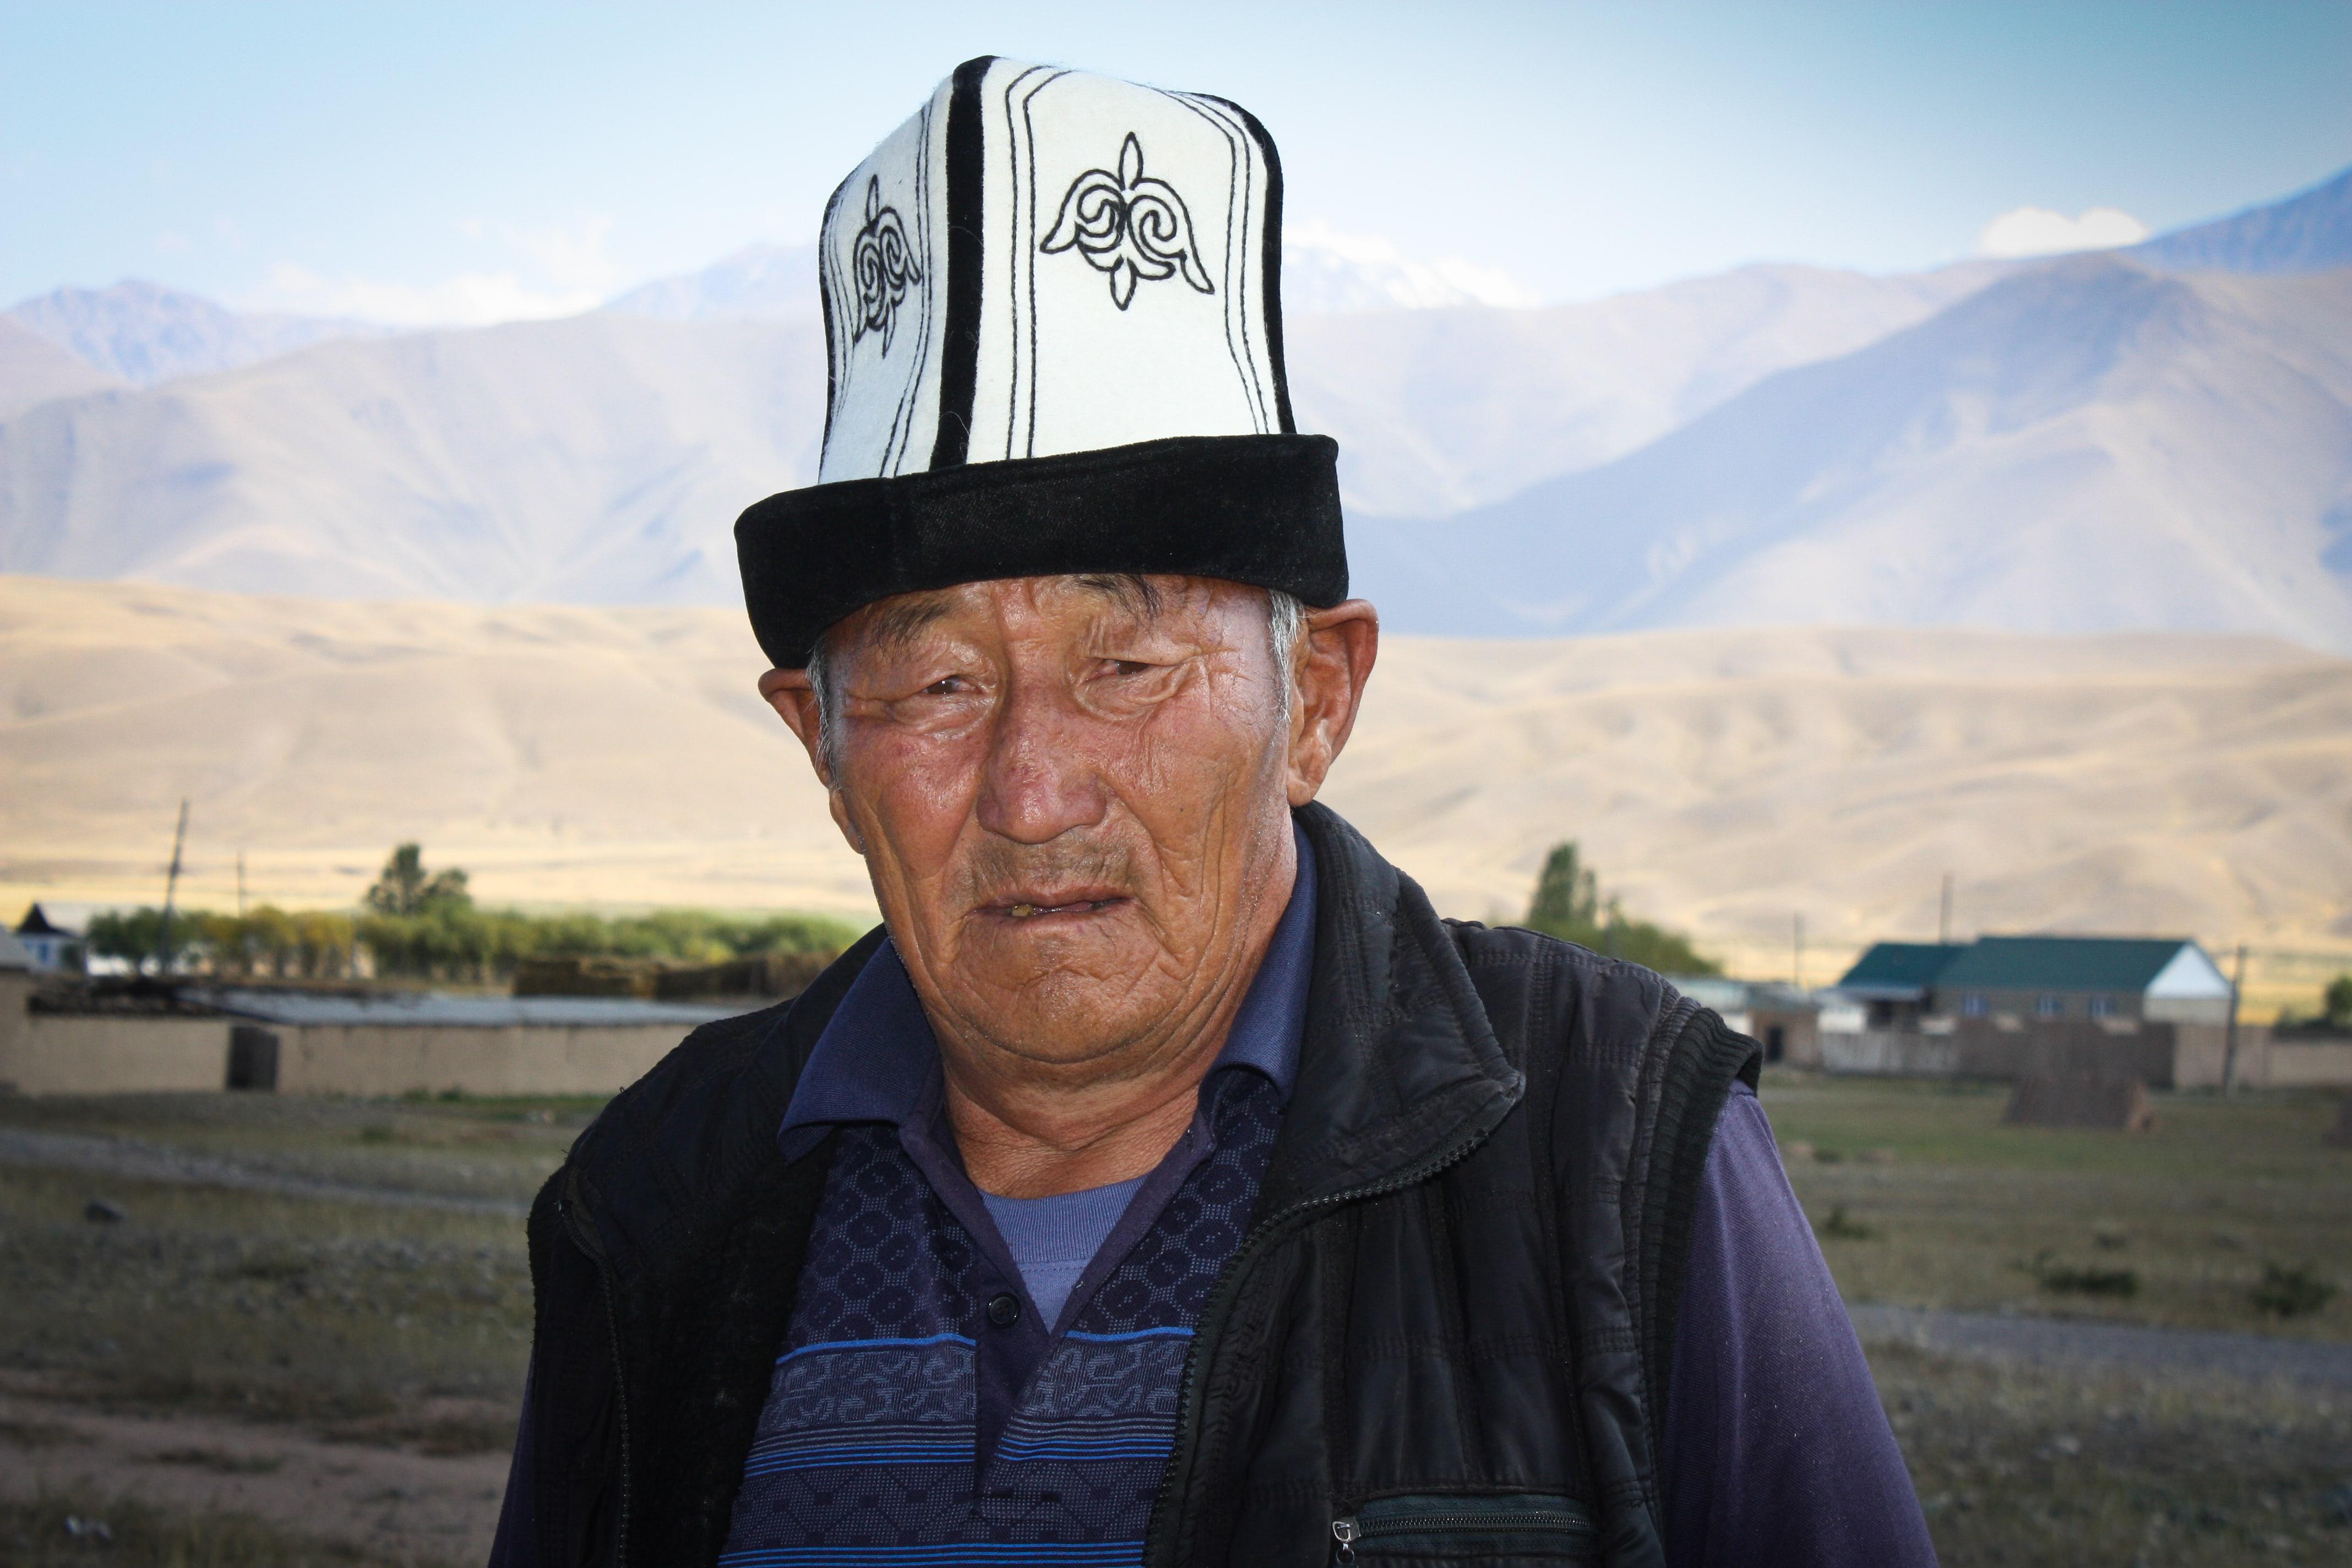 Kenyebek Ak Talaa Kirghizstan